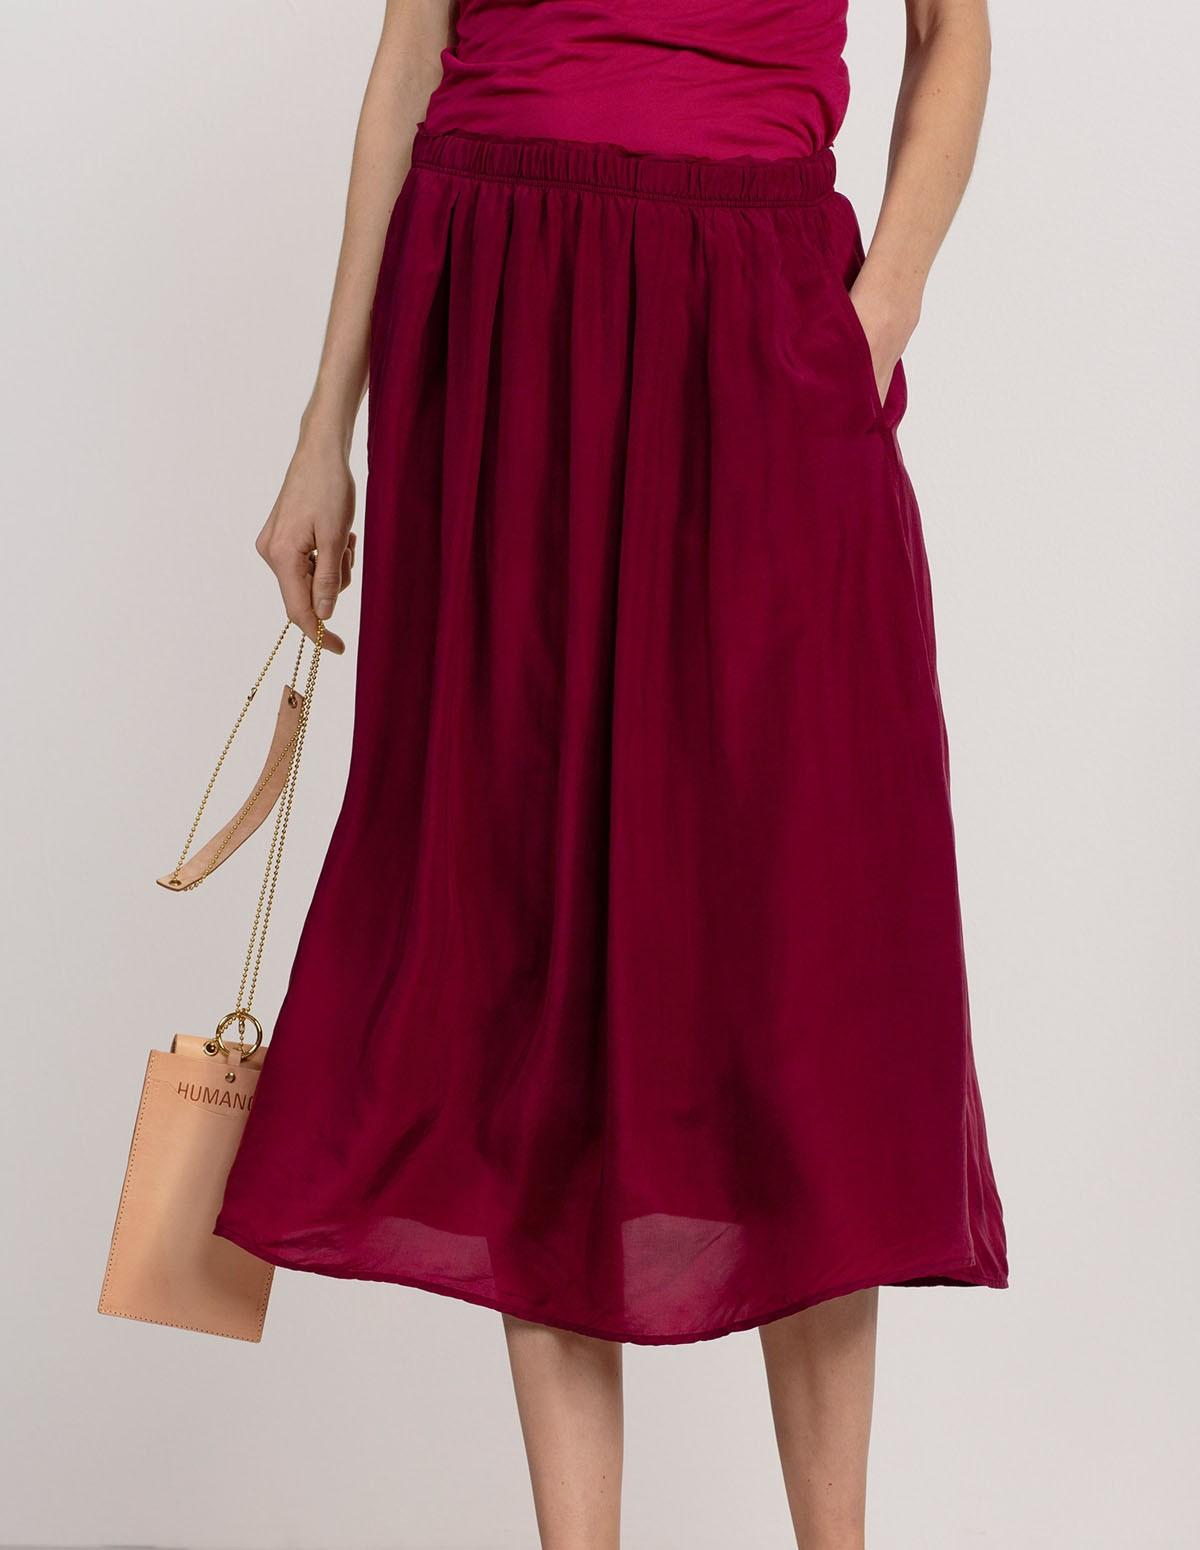 Huma Fenix Skirt - CASSIS